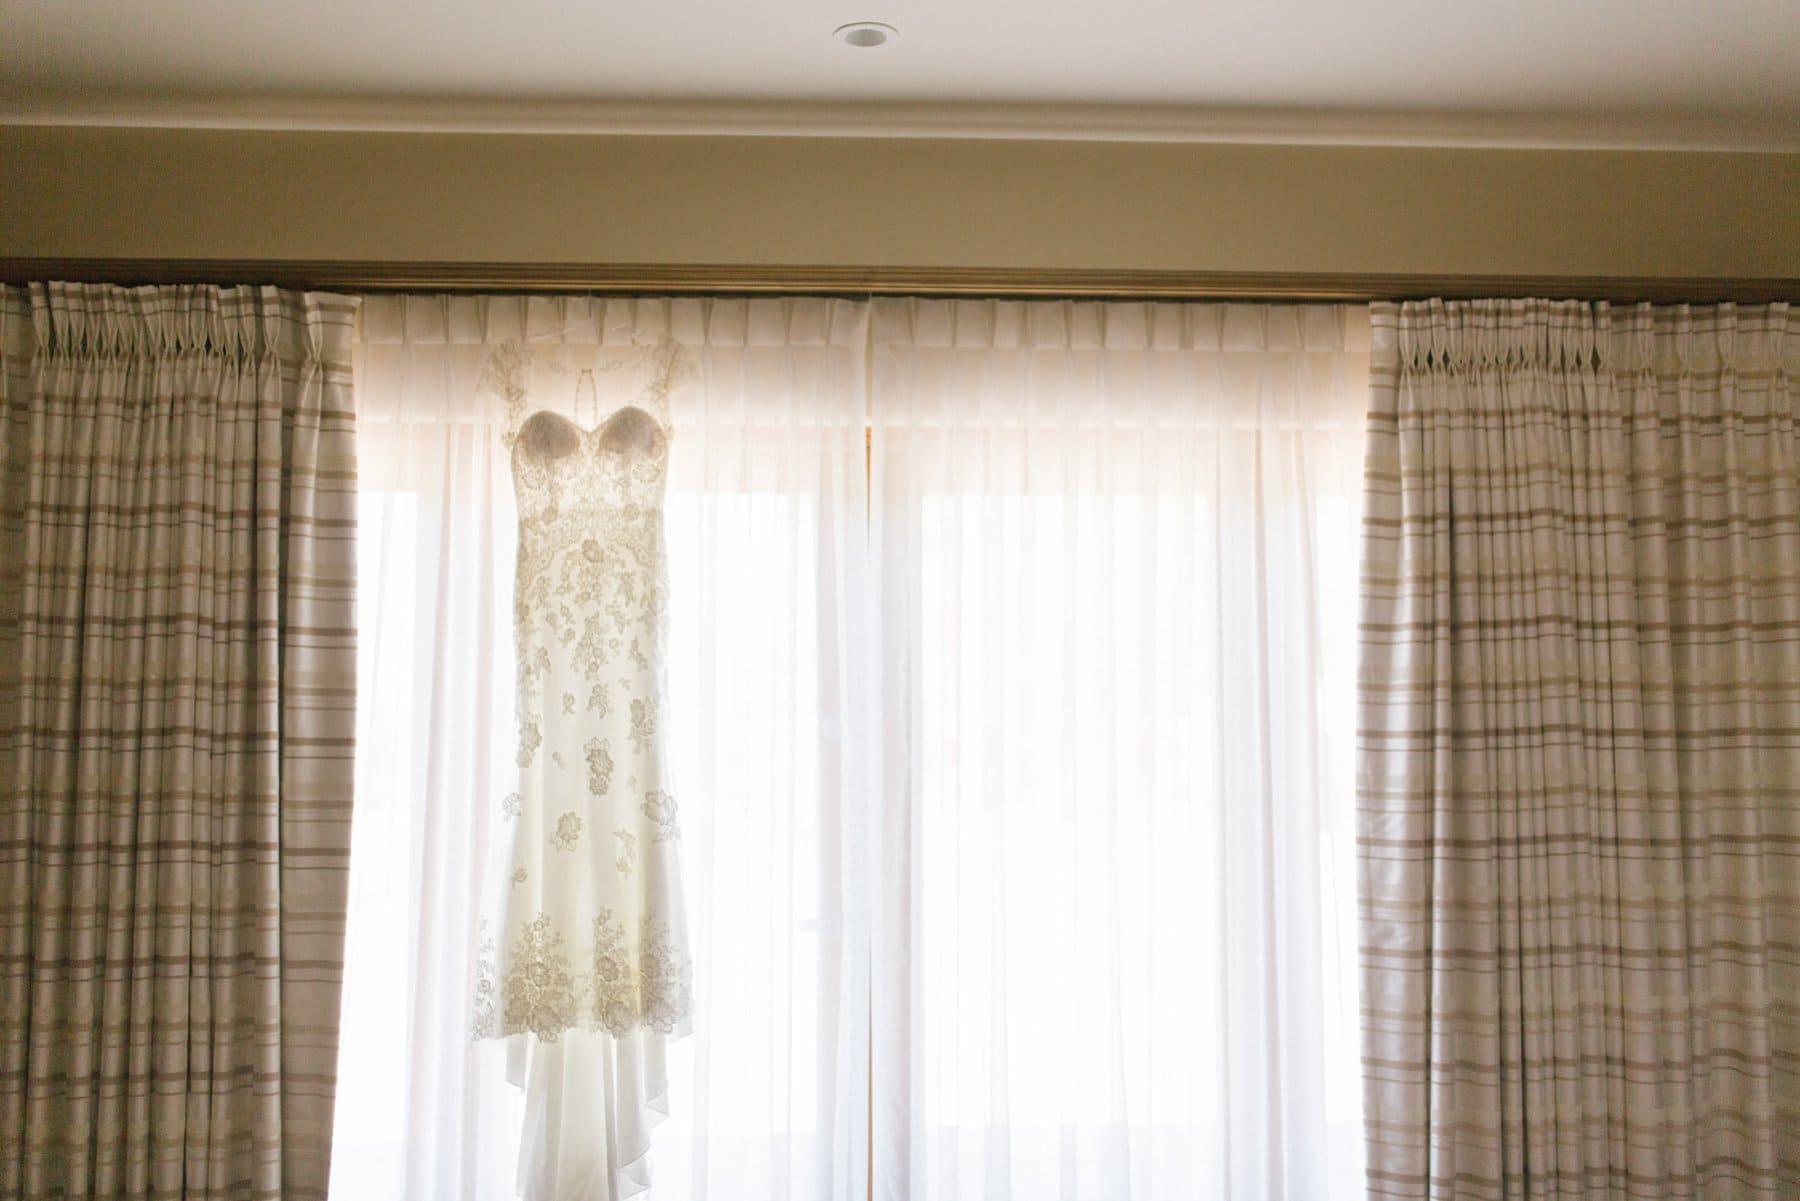 Watters lace dress hanging in window